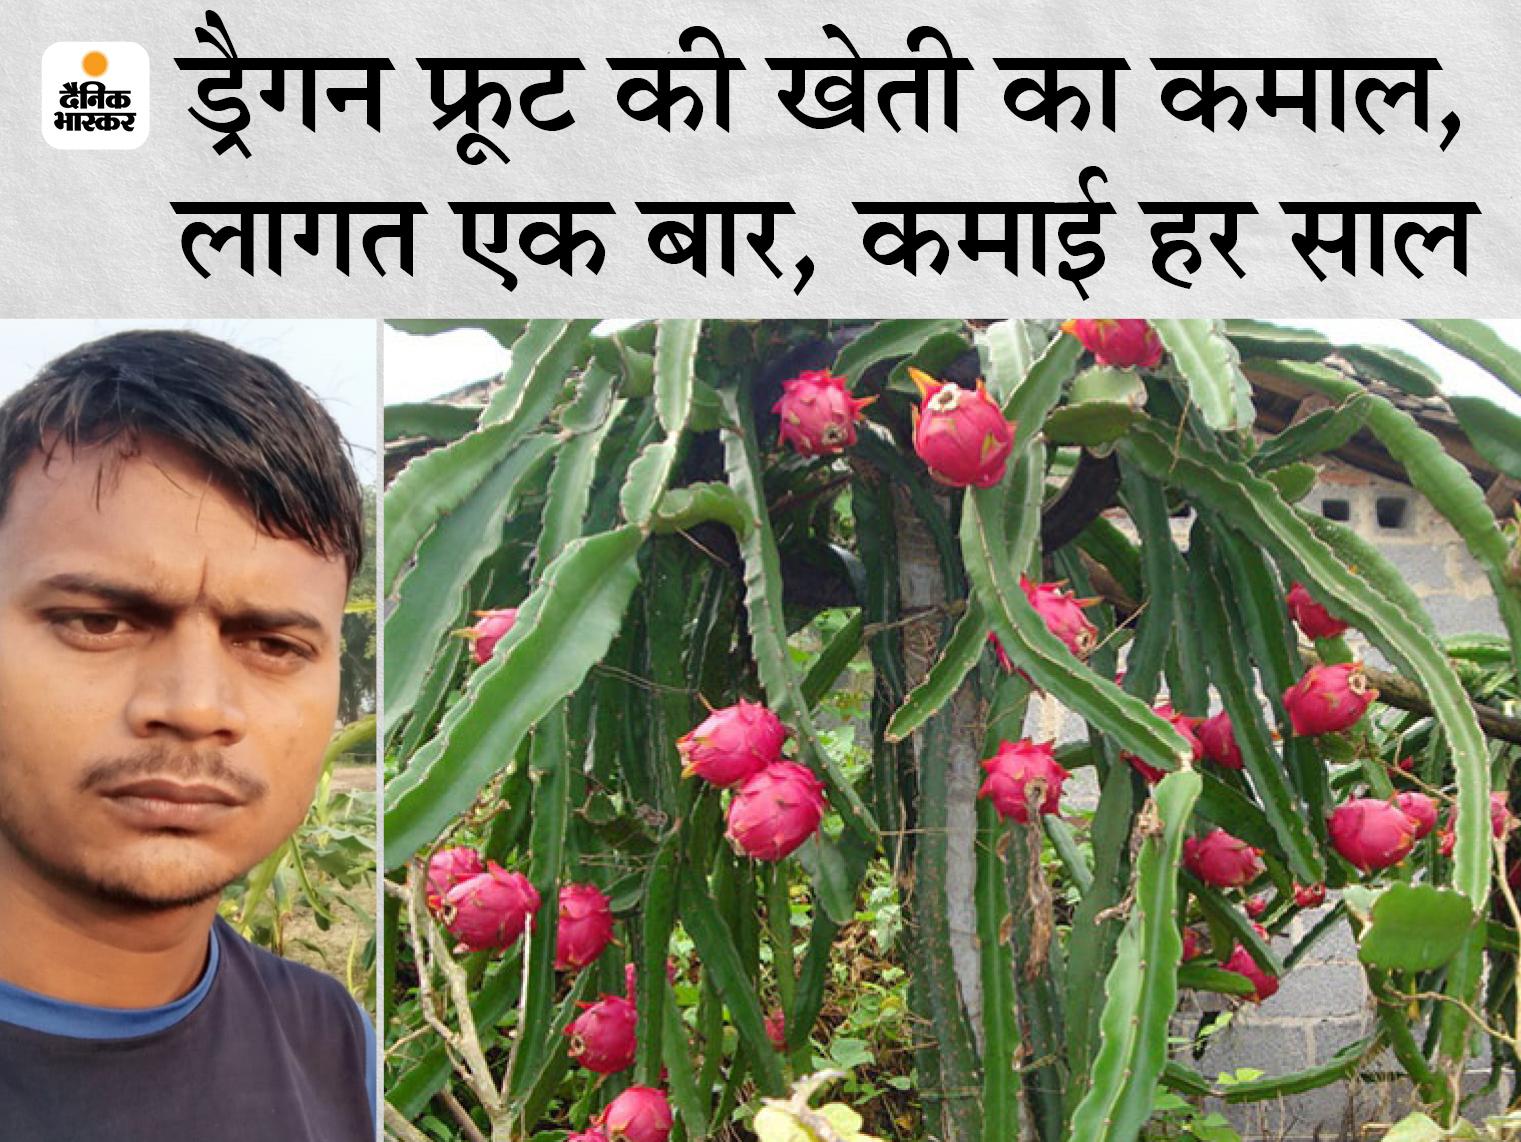 UP के रविंद्र ने 5 साल पहले आधा एकड़ से भी कम जमीन पर ड्रैगन फ्रूट की खेती शुरू की, अब एक सीजन में 4 लाख कमा रहे मुनाफा|DB ओरिजिनल,DB Original - Dainik Bhaskar